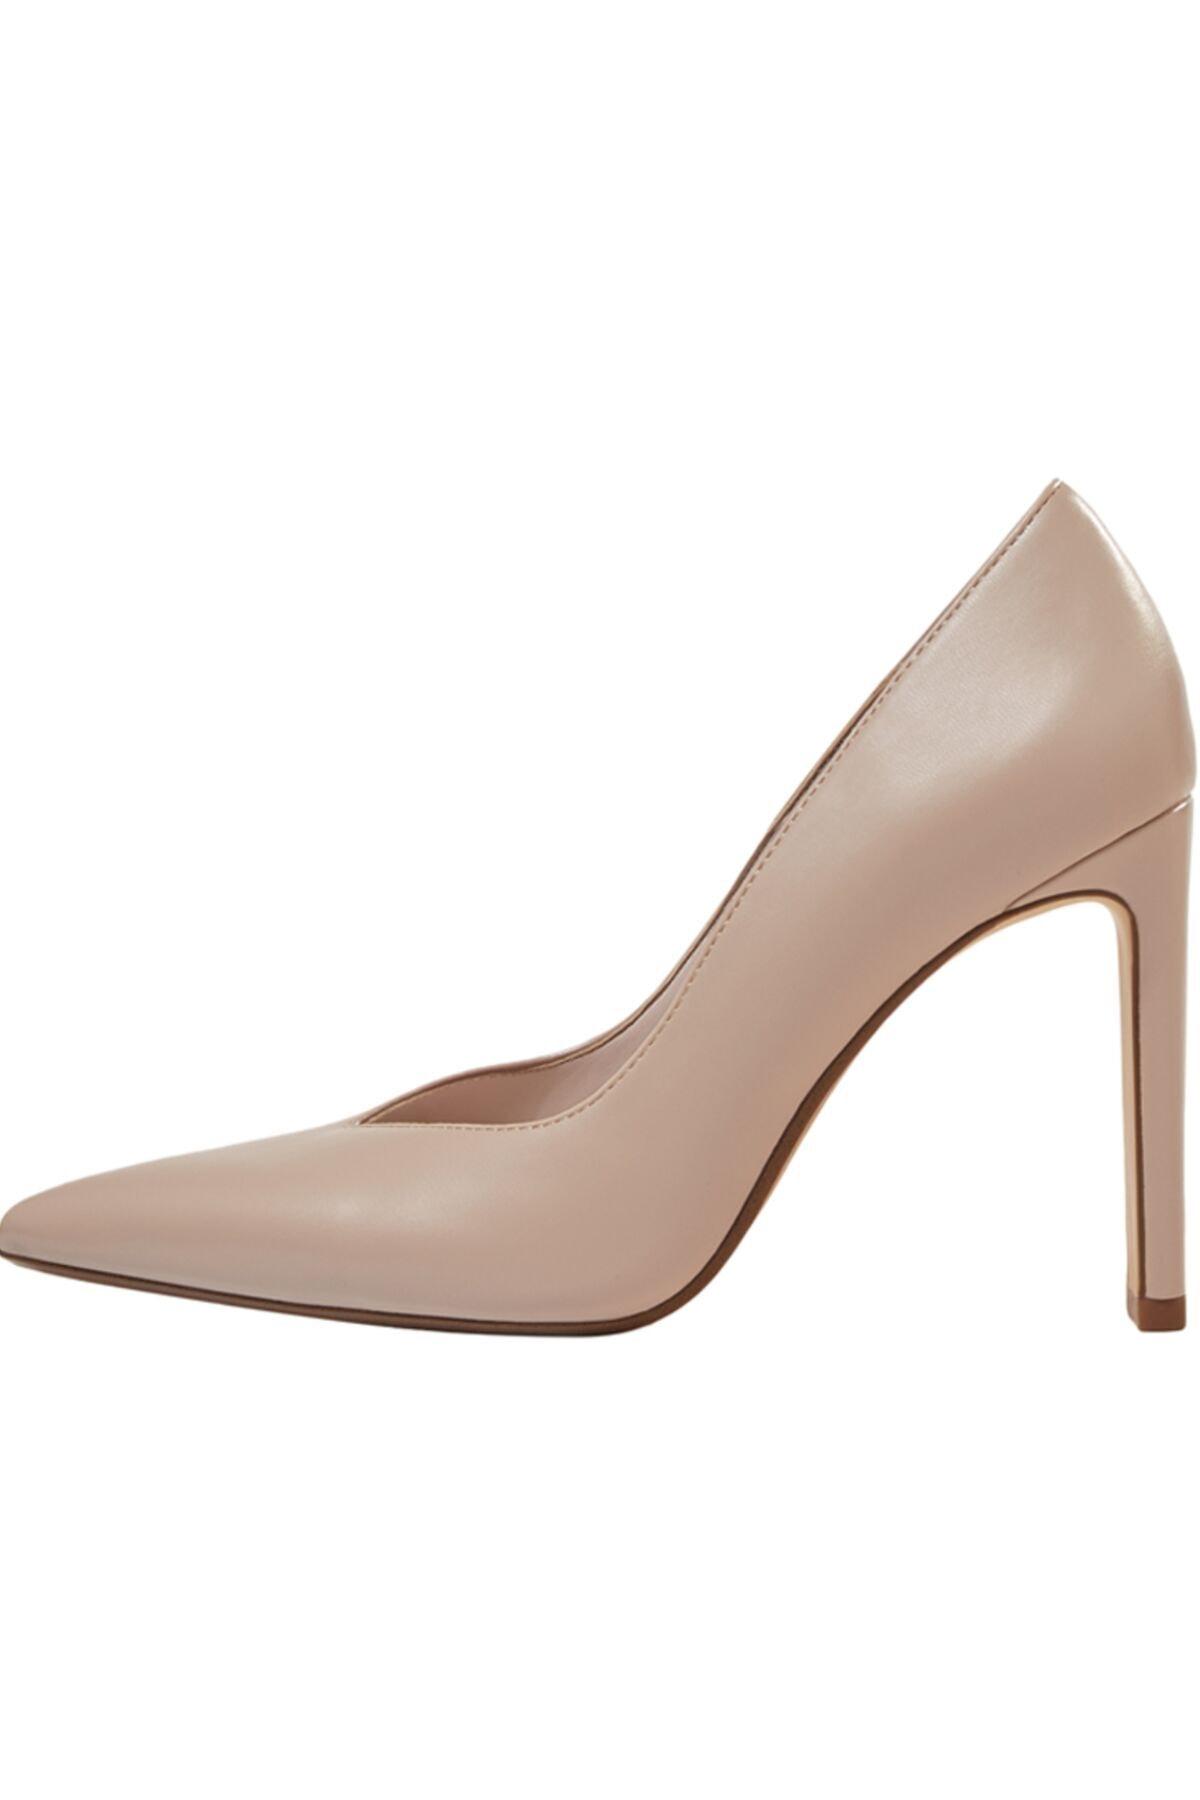 Bershka Kadın Bej V Kesim Topuklu Ayakkabı 11308760 2